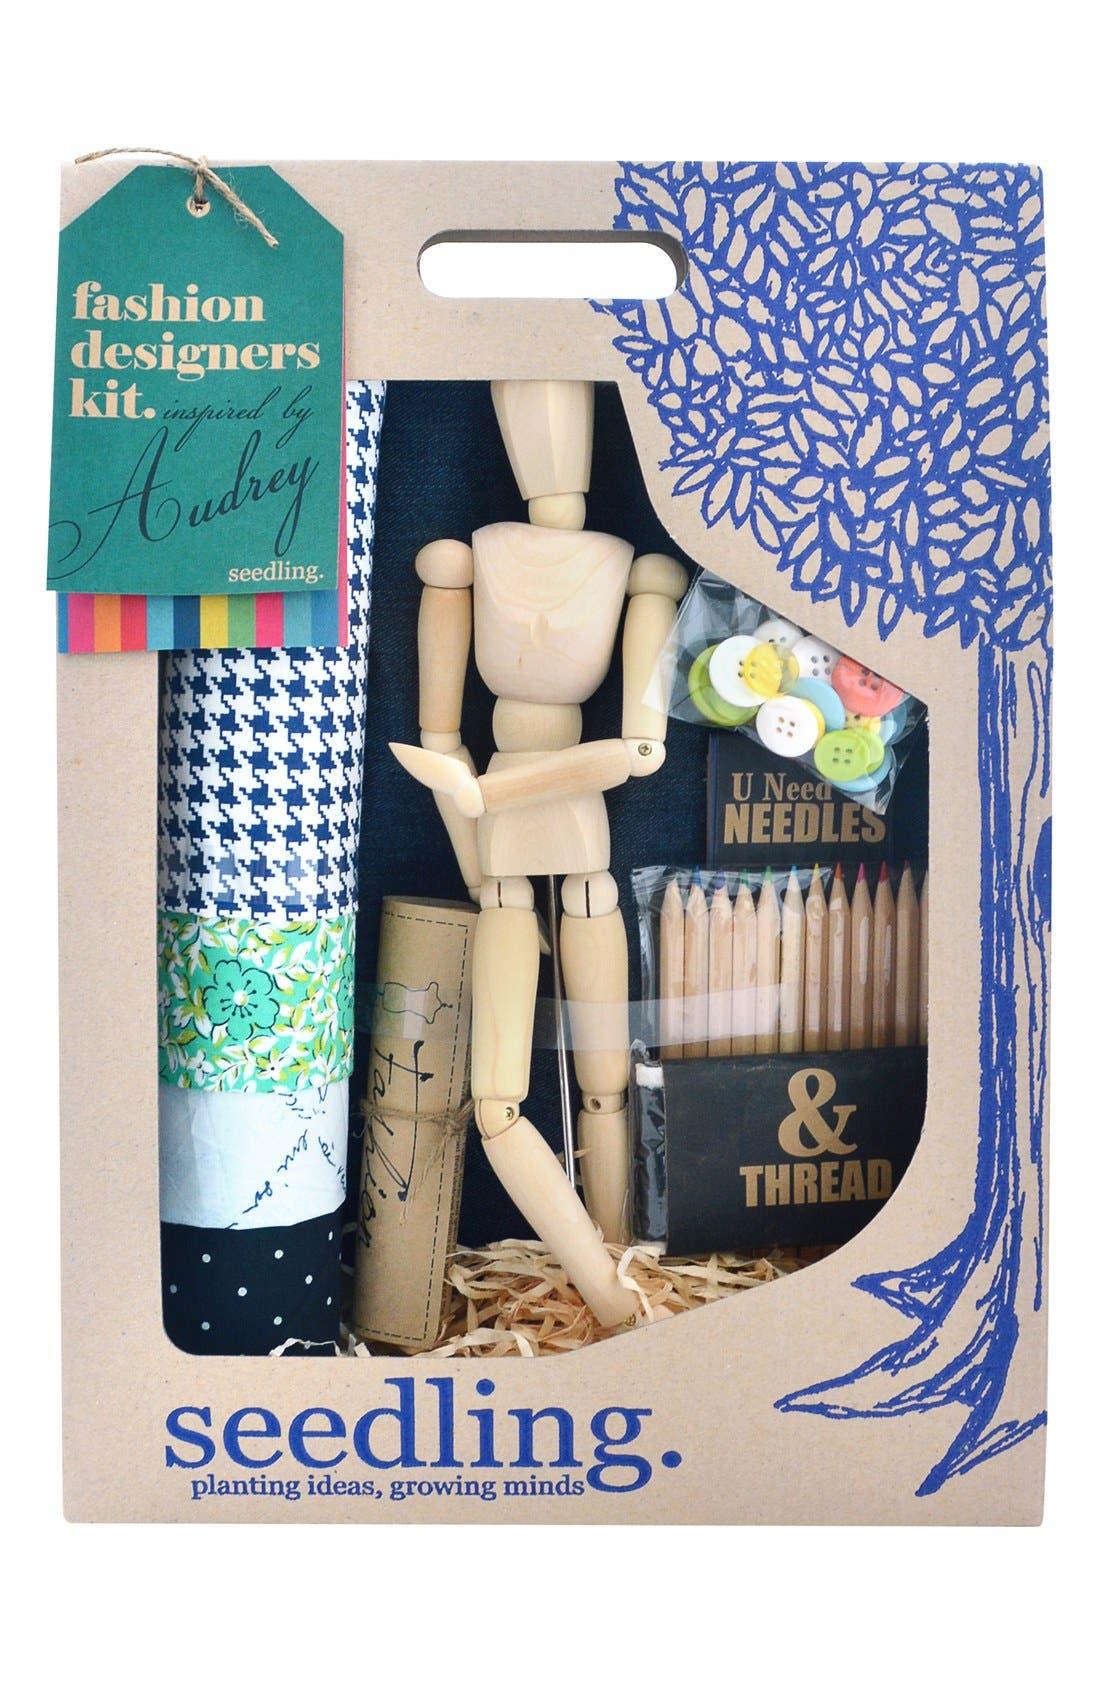 seedling 'Fashion Designers - Audrey' Kit